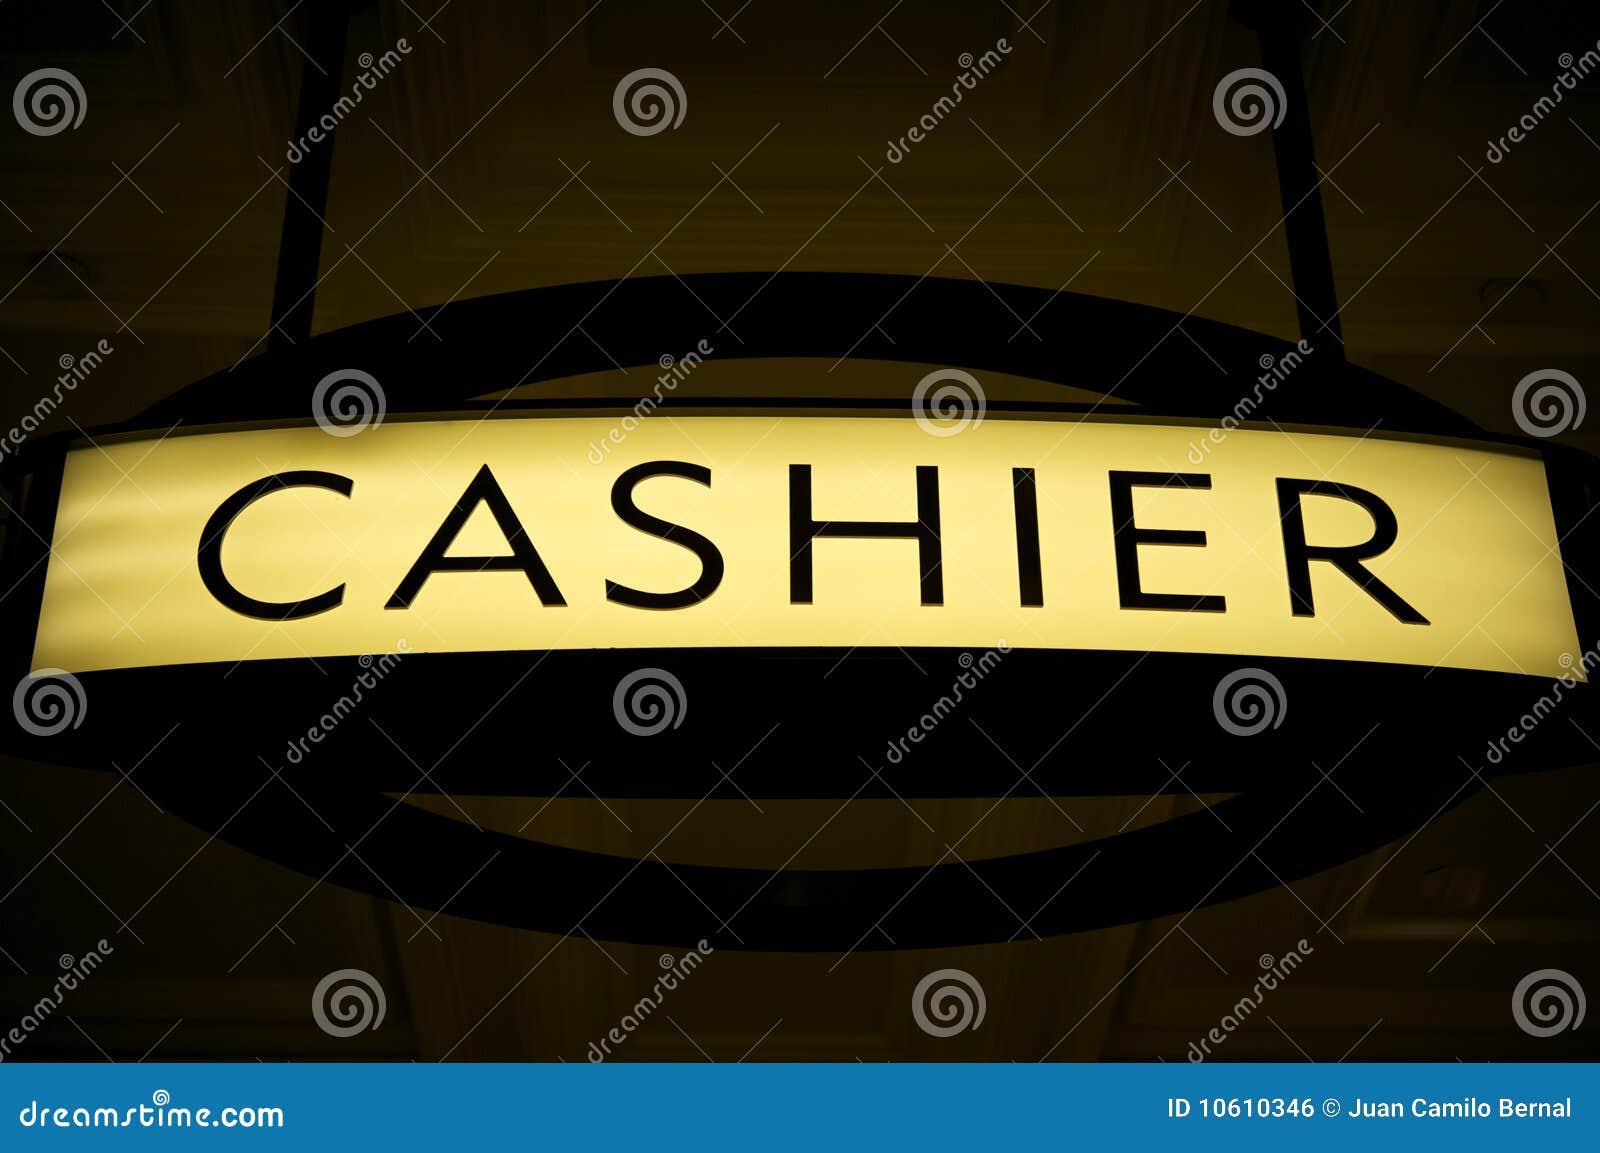 Casino cashier 11